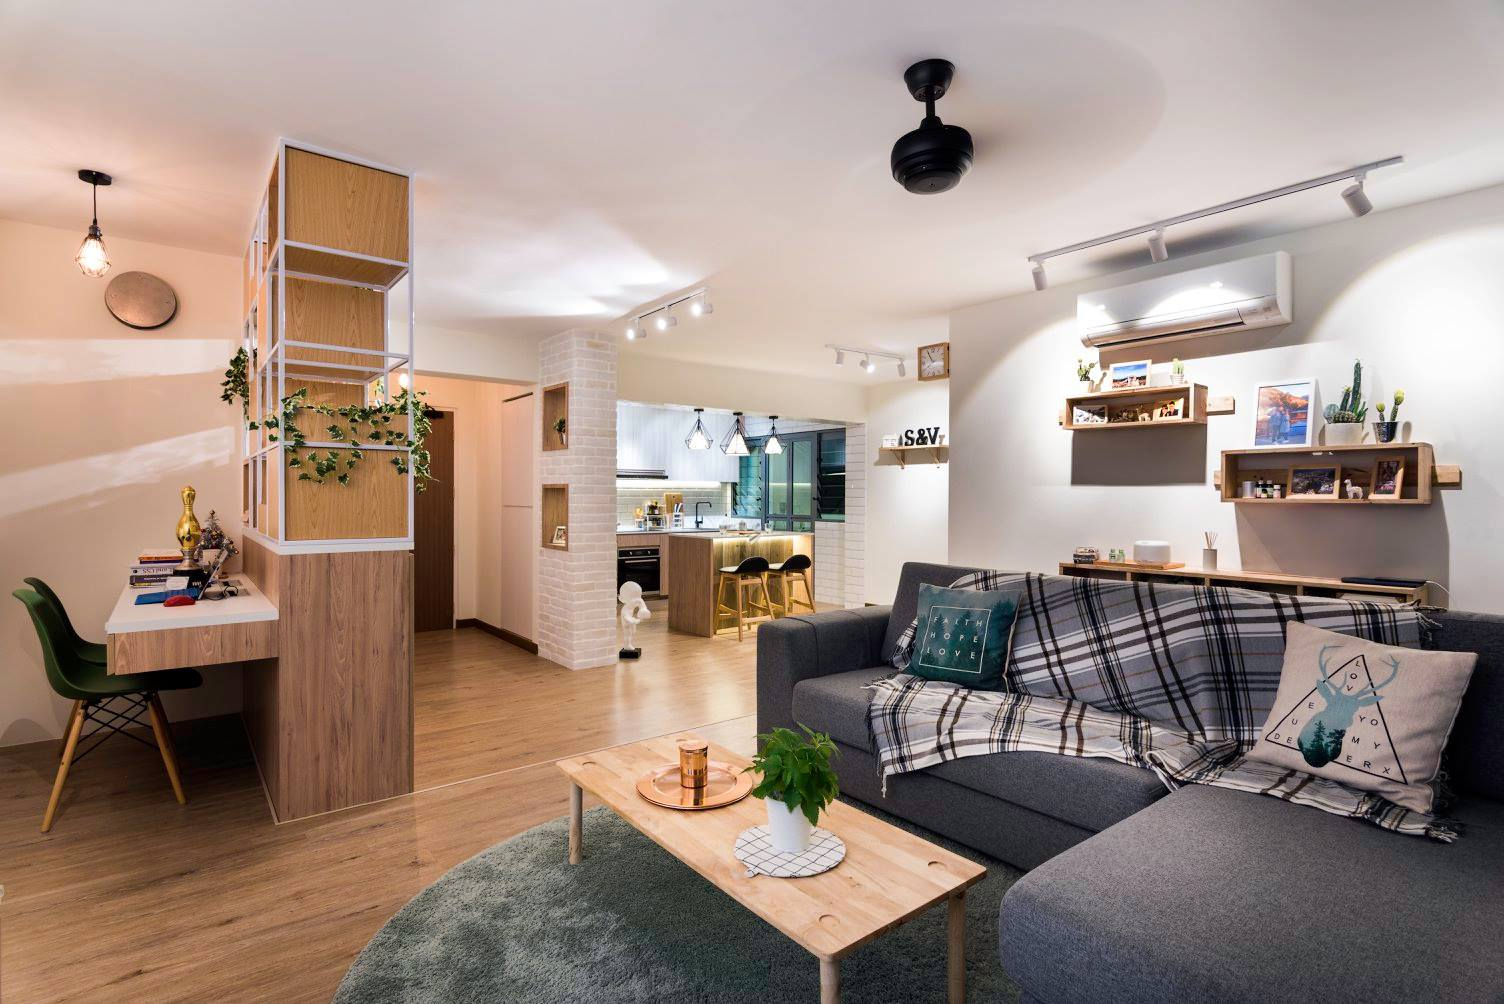 طراحی فضاهای مسکونی2